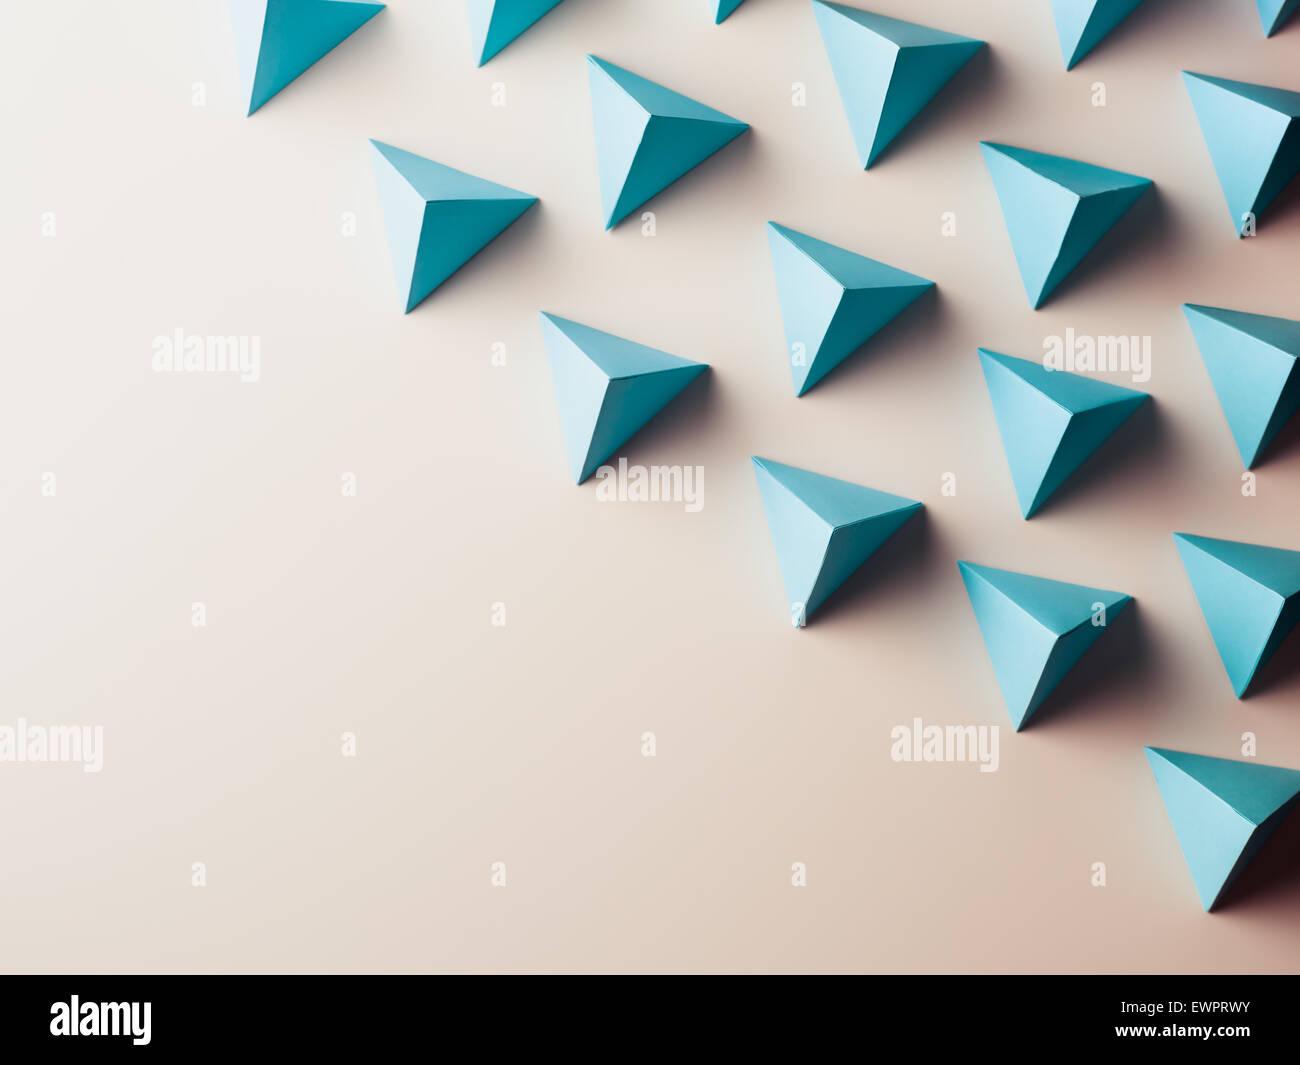 Résumé fond composé de formes géométriques en papier. copie espace disponible Photo Stock